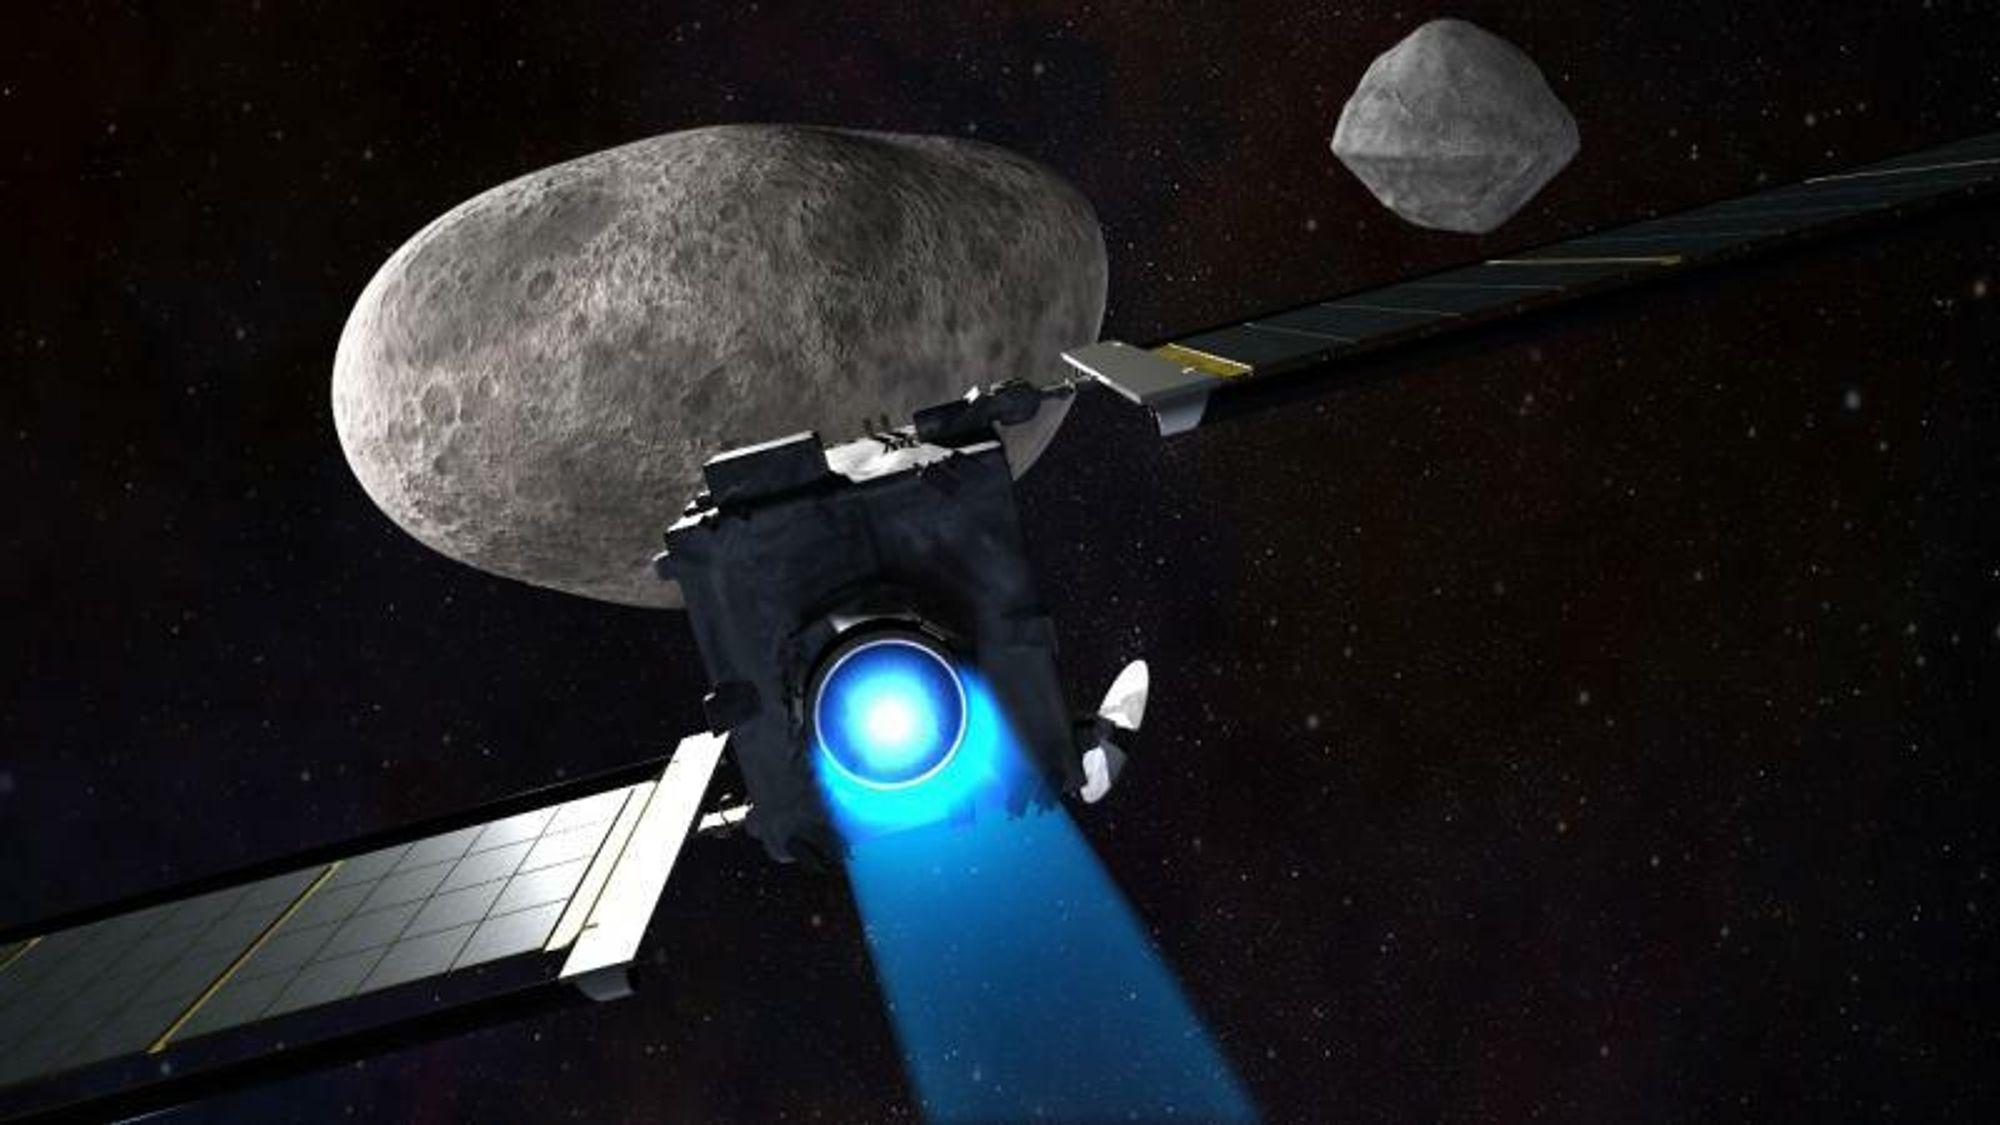 Med sin kraftige NEXT ionemotor vil romfartøyet DART smelle inn i asteroiden med 17,5 ganger lydens hastighet. Hvis den treffer...